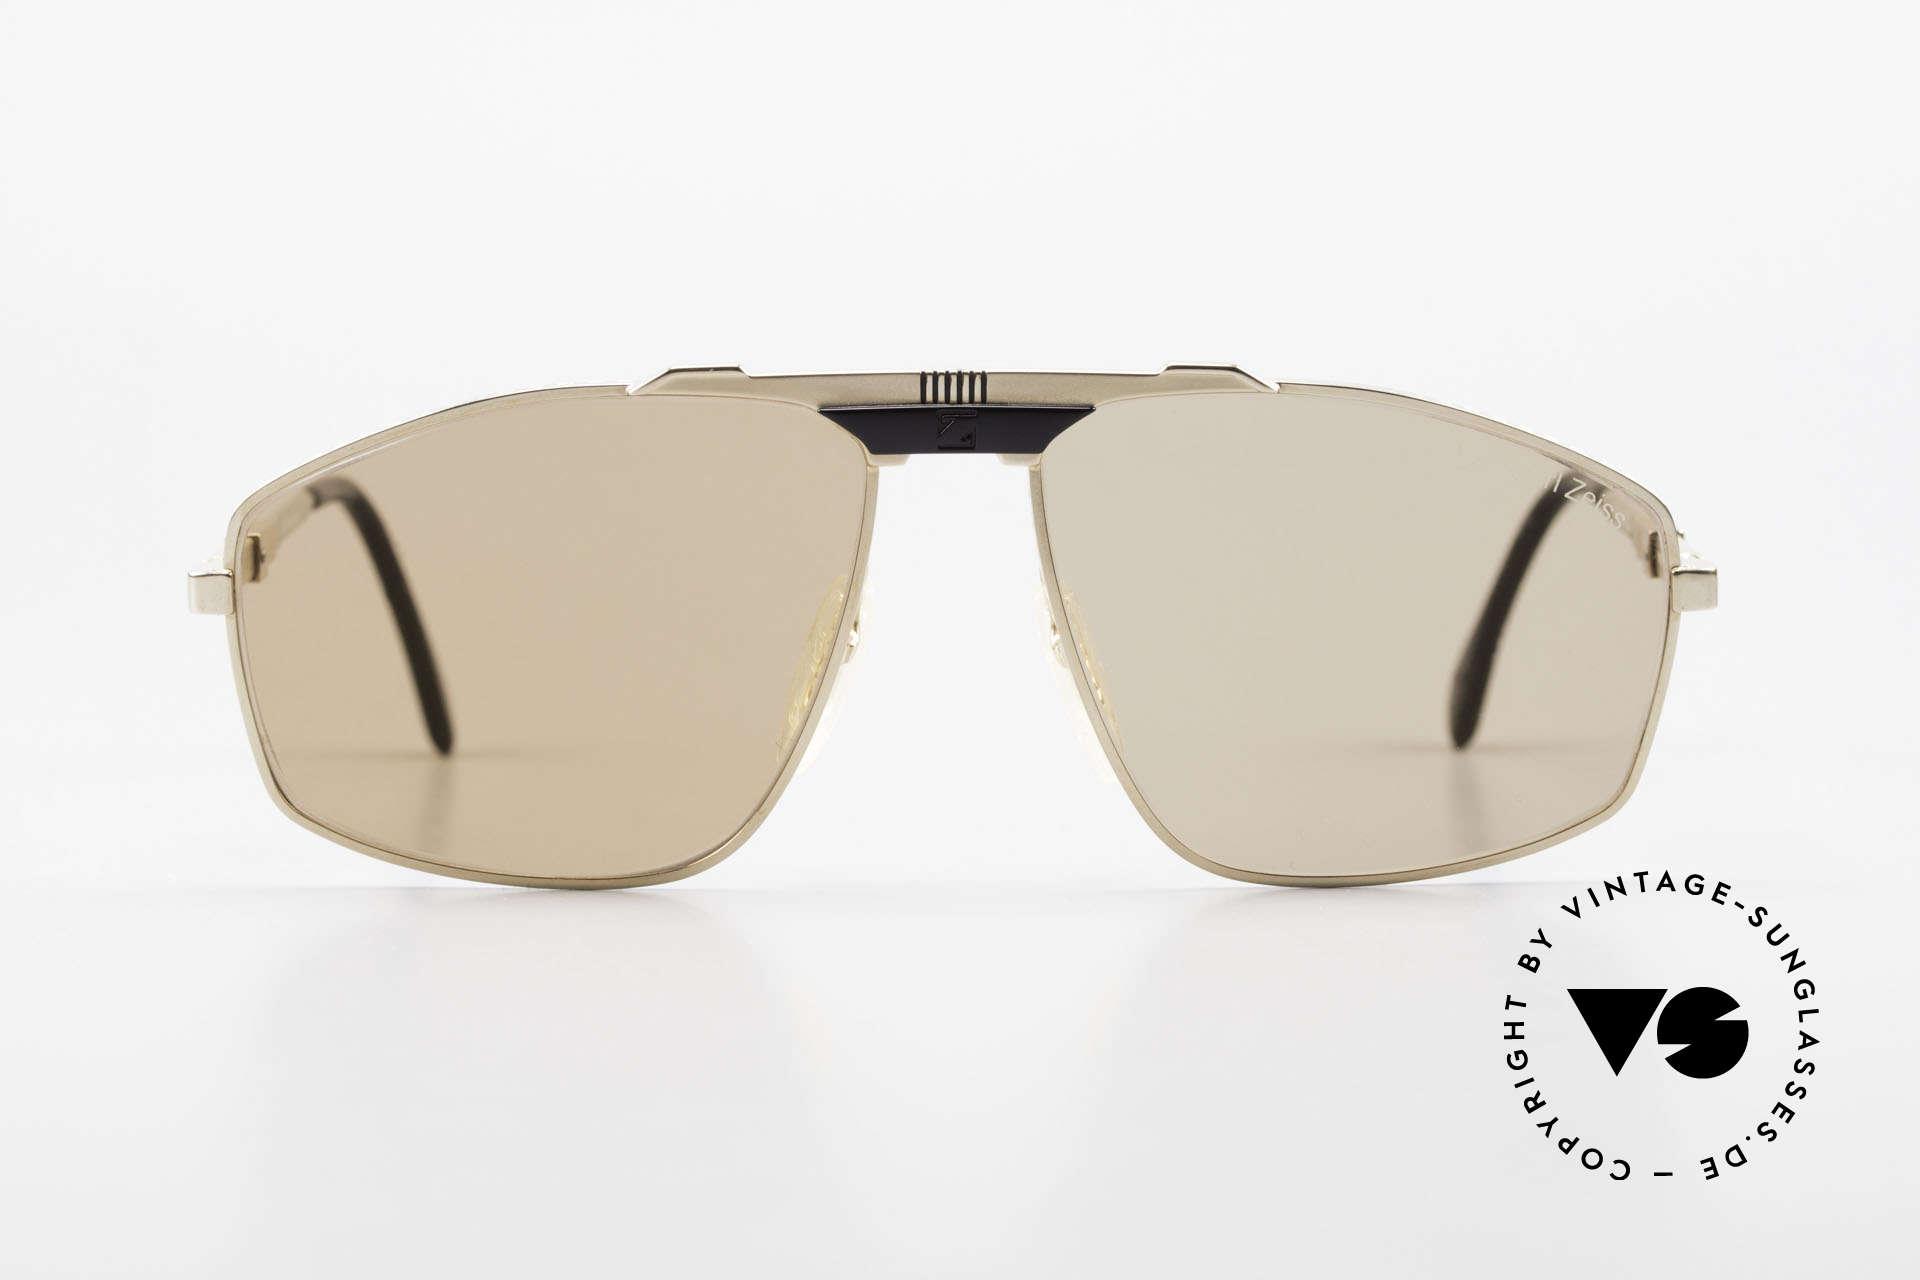 Zeiss 9925 True Gentlemen's 80's Shades, original 80's men's sunglasses by Zeiss, West Germany, Made for Men